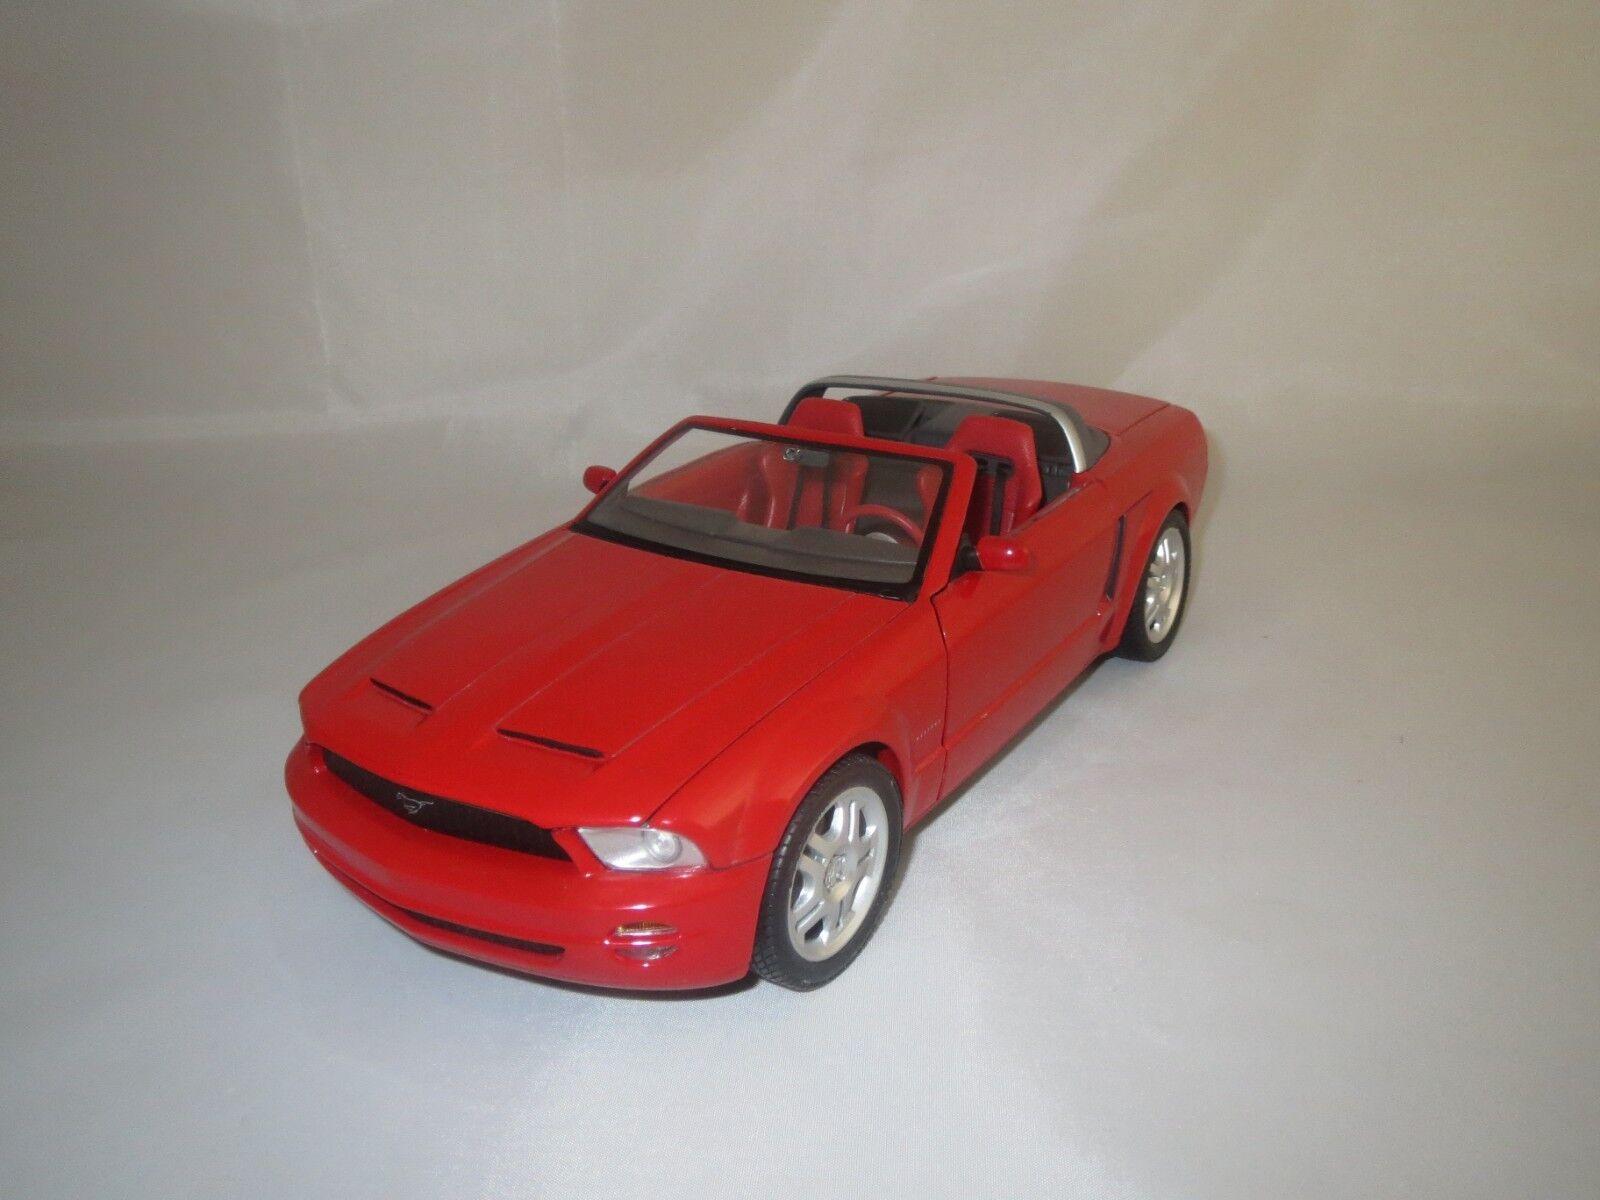 Envío y cambio gratis. Beanstalk Beanstalk Beanstalk ford munstang GT Cabriolet (rojo-fácil-met.) 1 18 sin embalaje   tienda de bajo costo